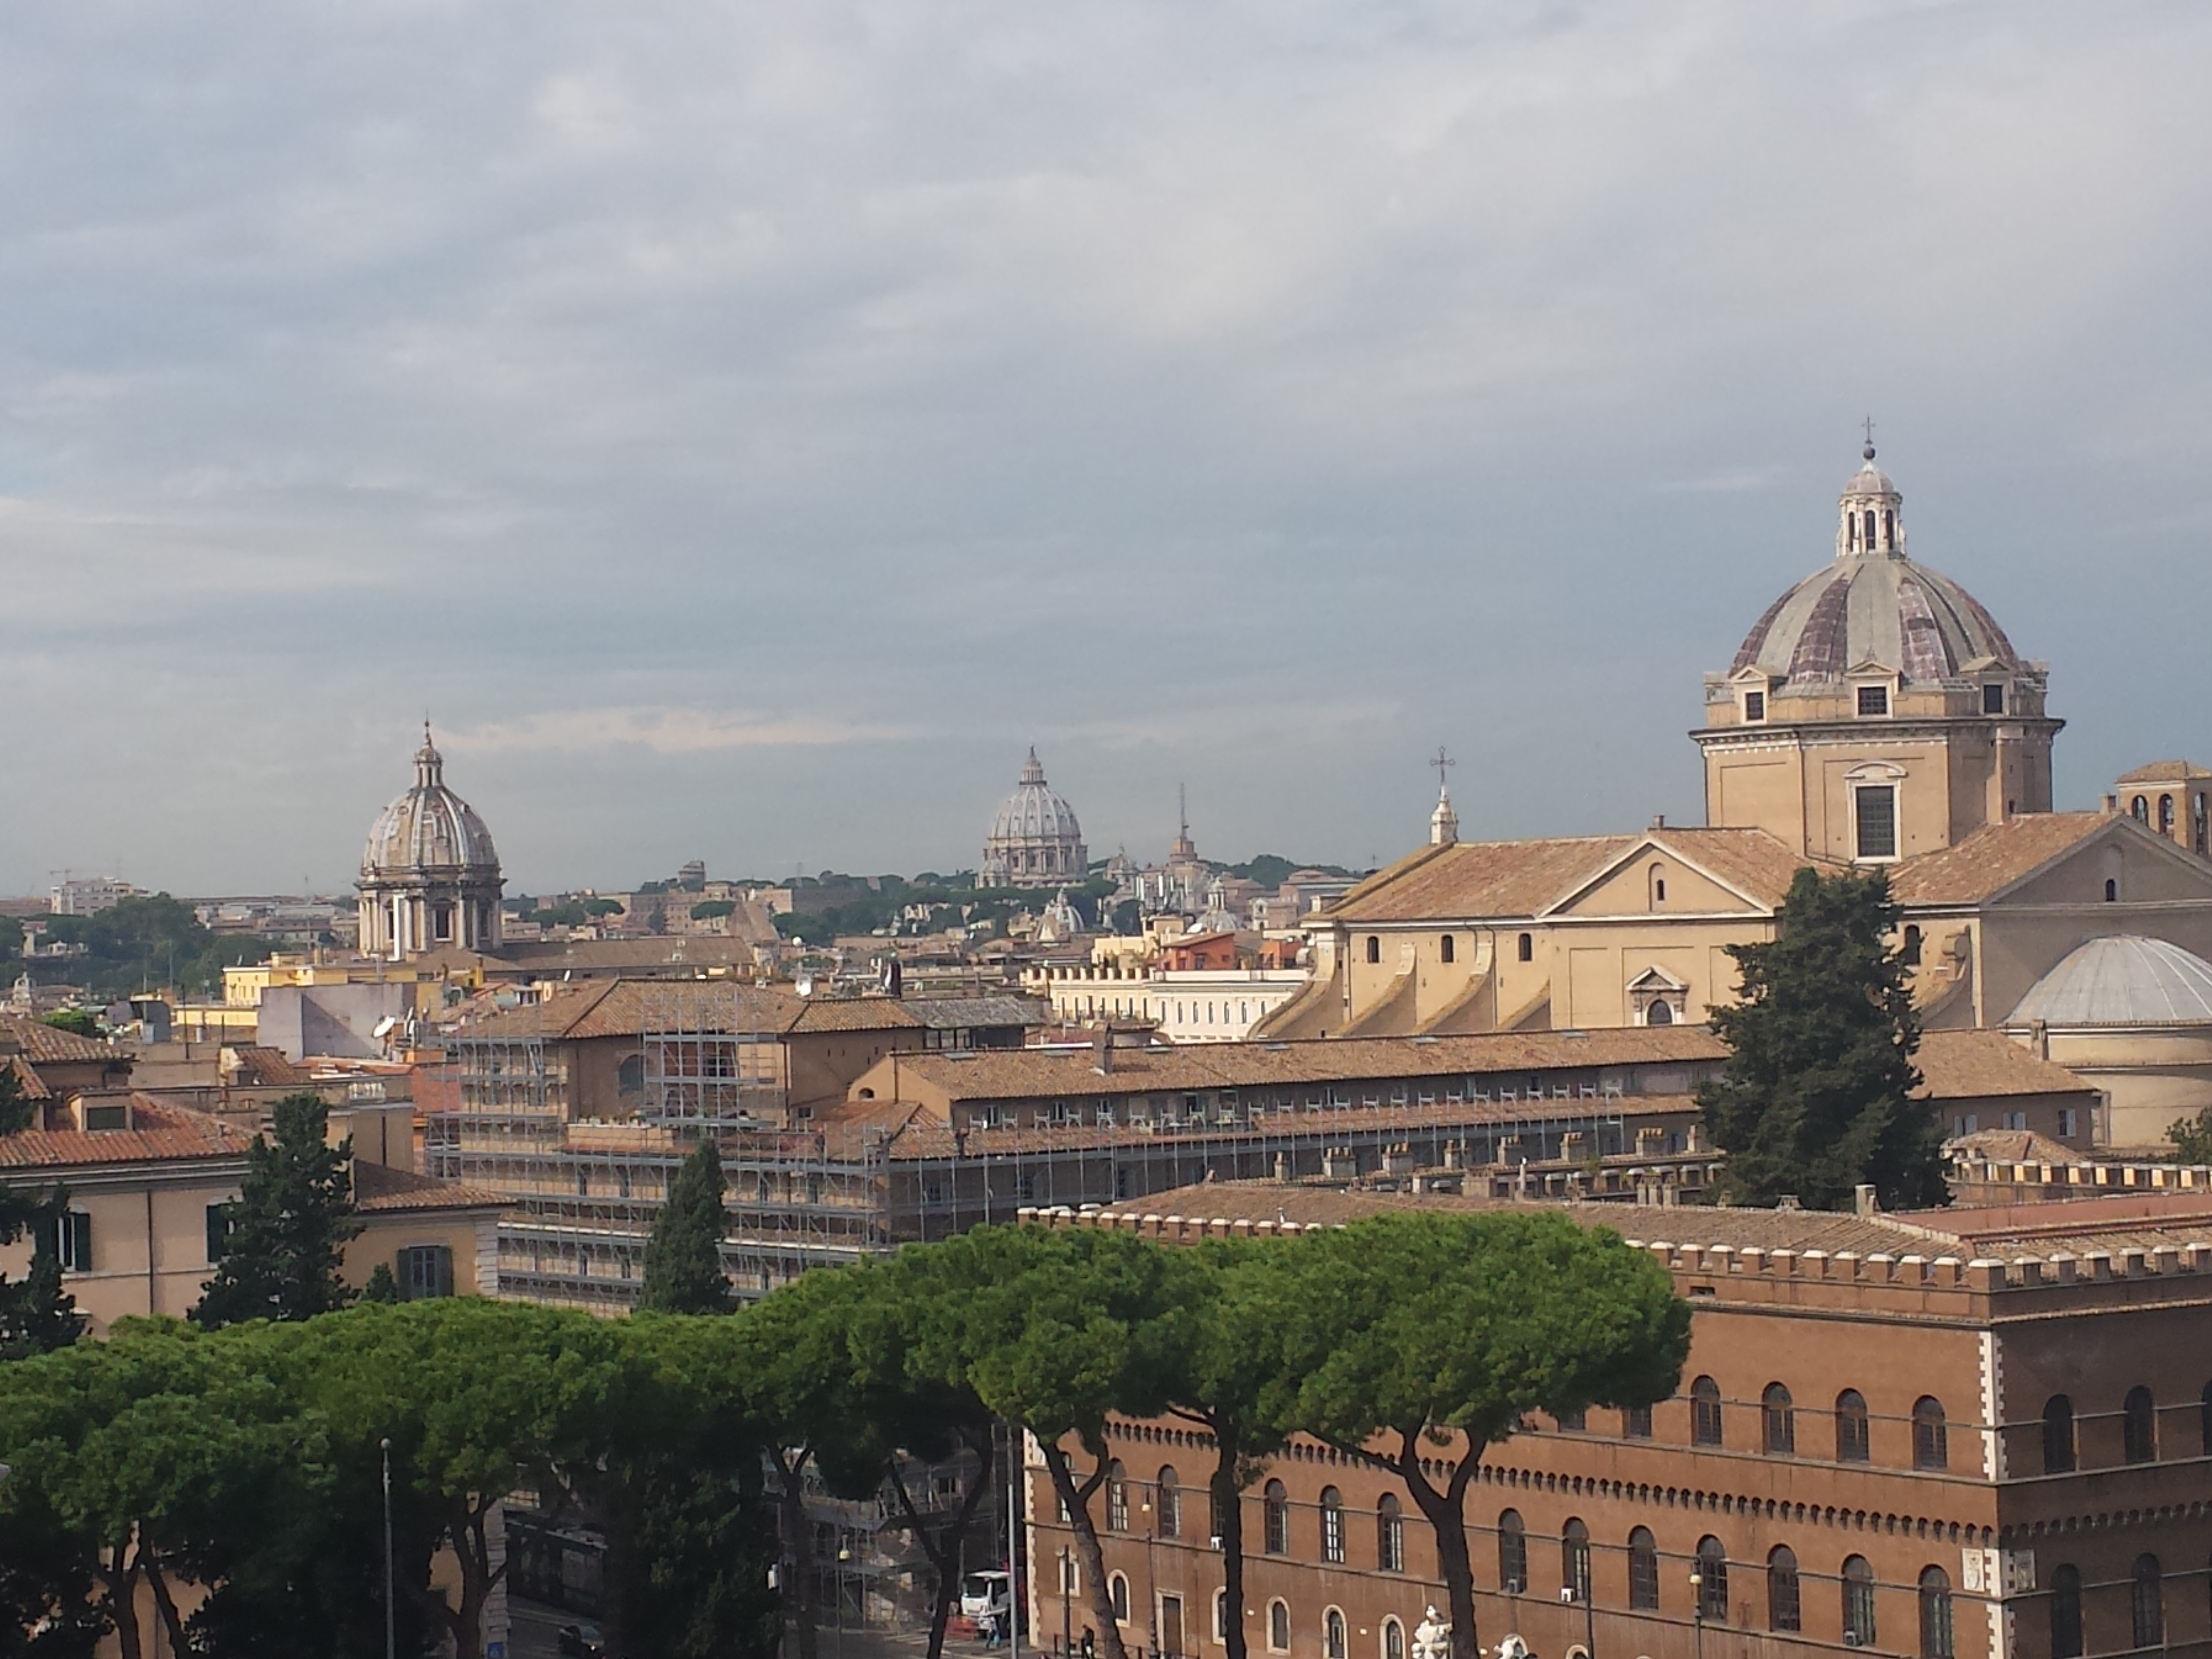 Von den Römern wurde die Warmluftheizung noch einmal erfunden.